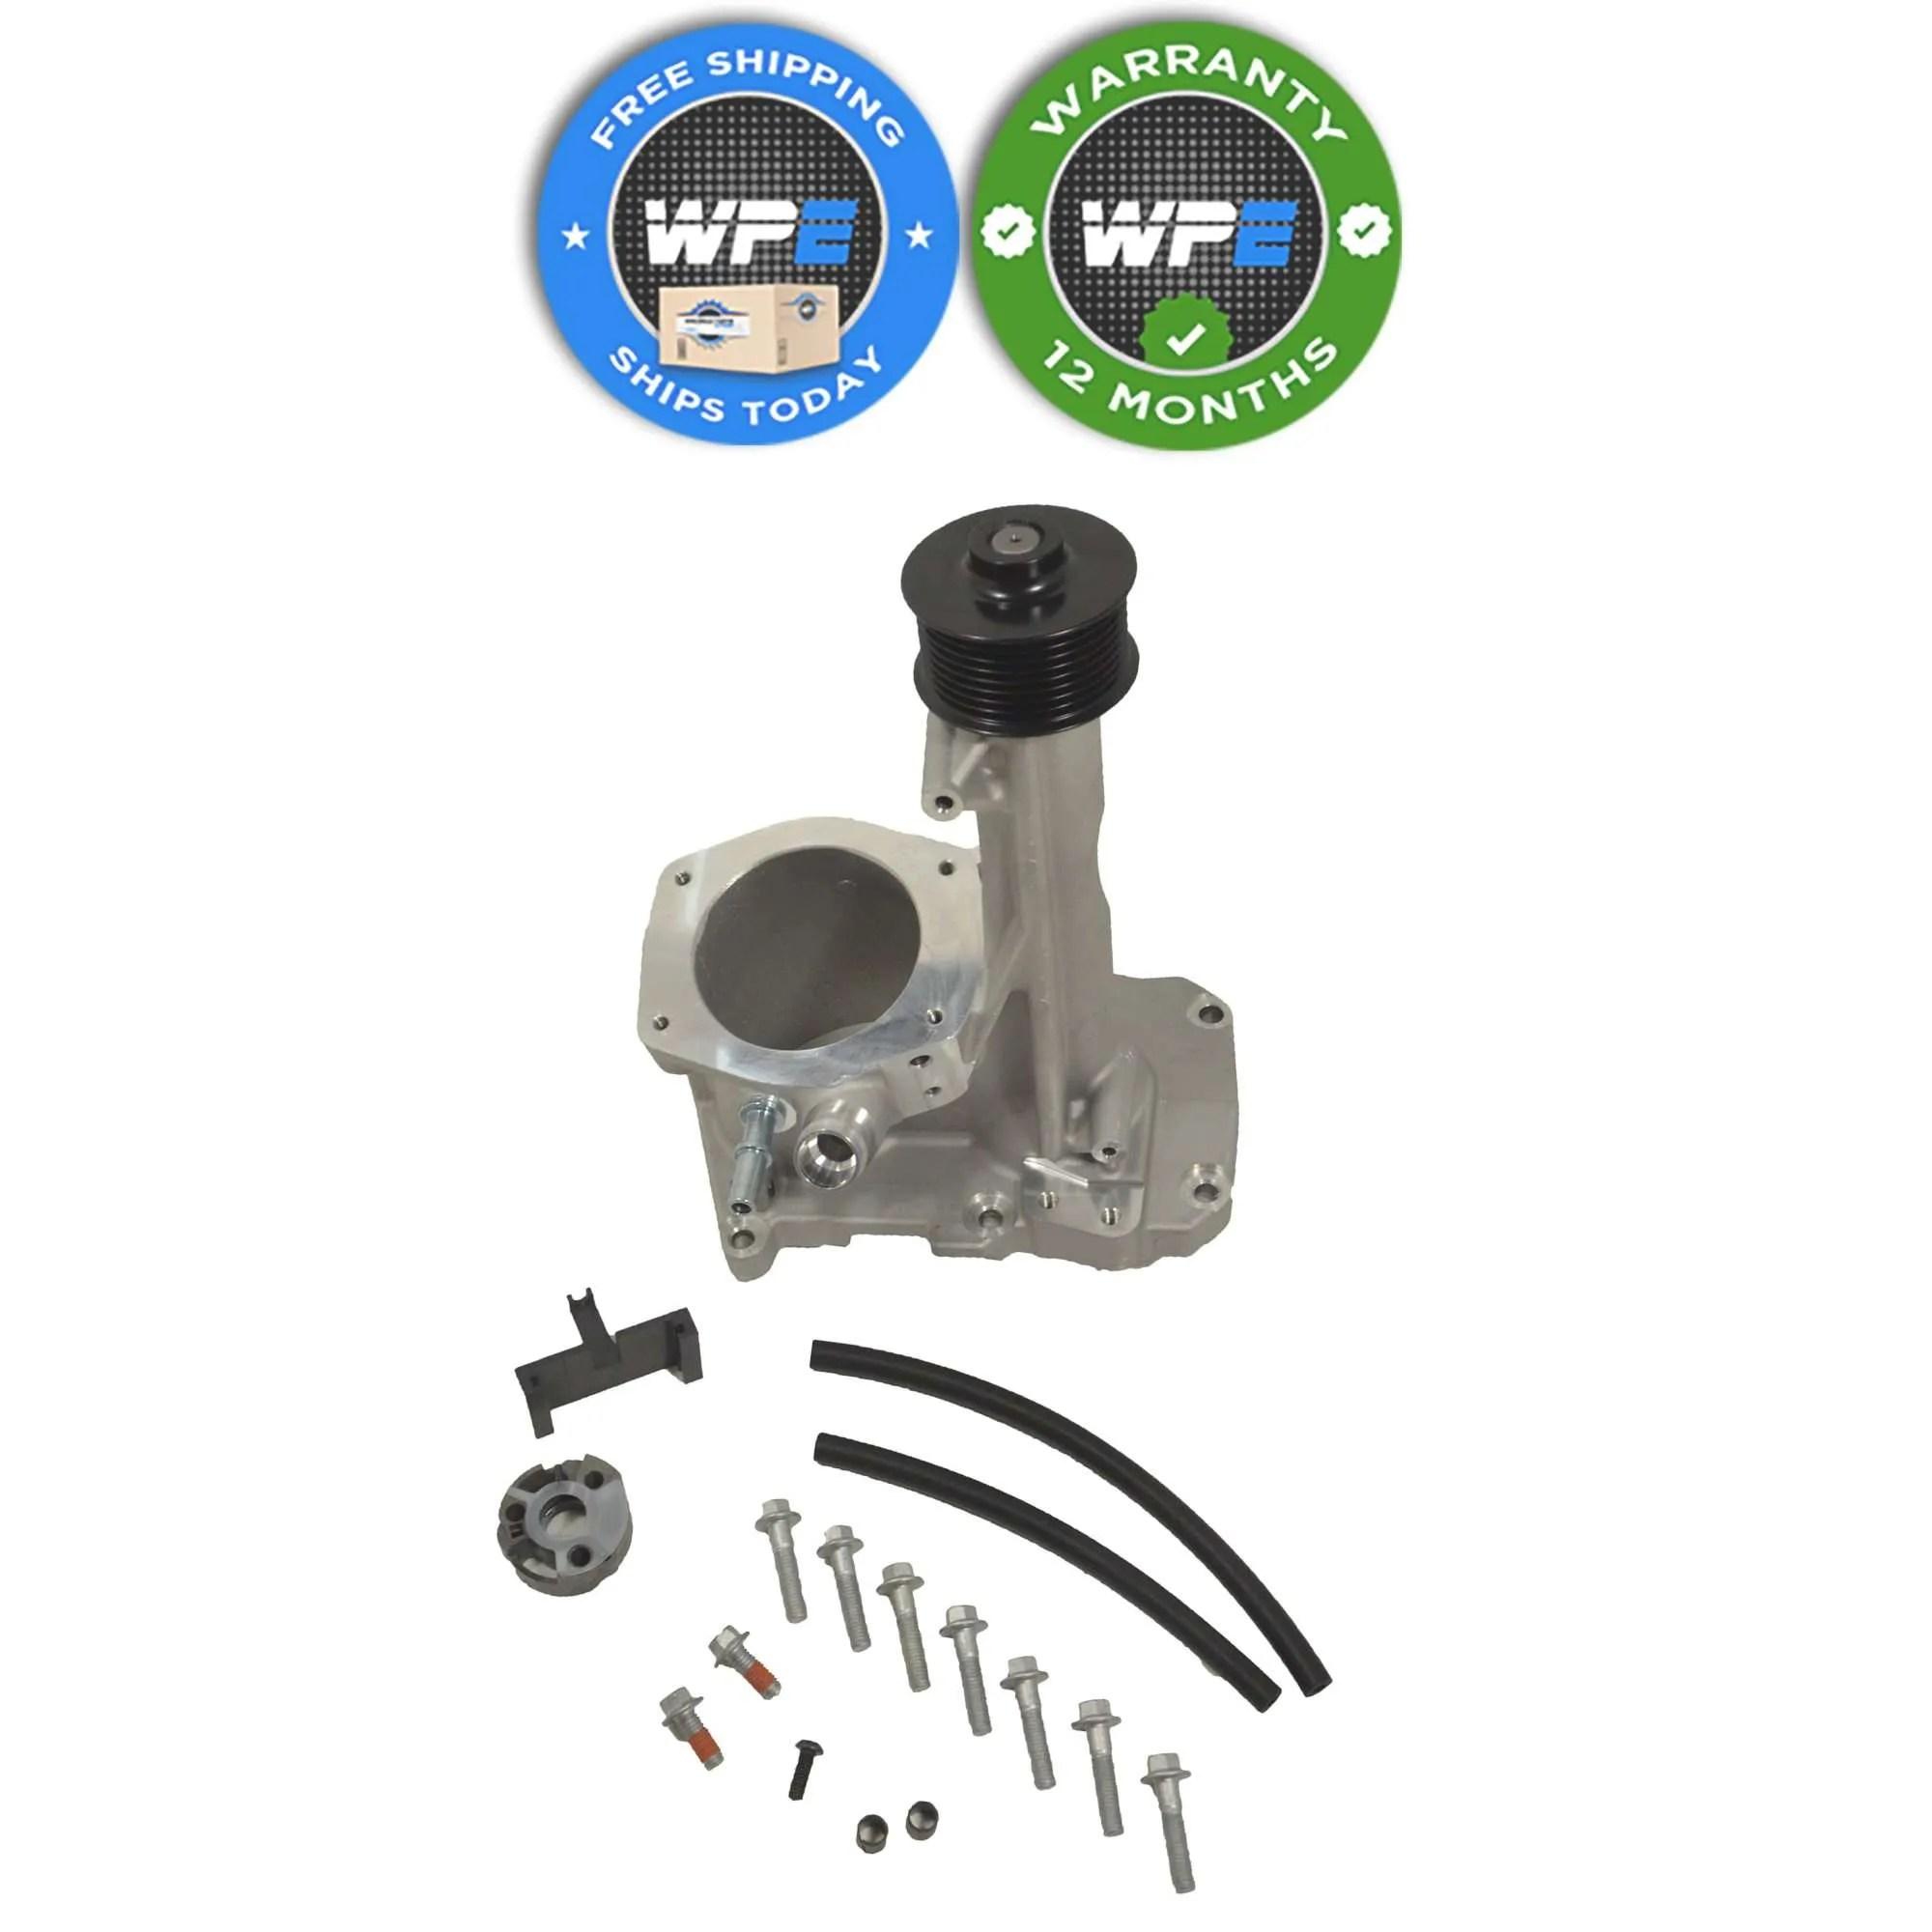 NEW Land Rover Range Rover Jaguar 5 0 Liter Supercharger Repair Kit Snout  LR058080 LR088564 - Wholesale Parts Express